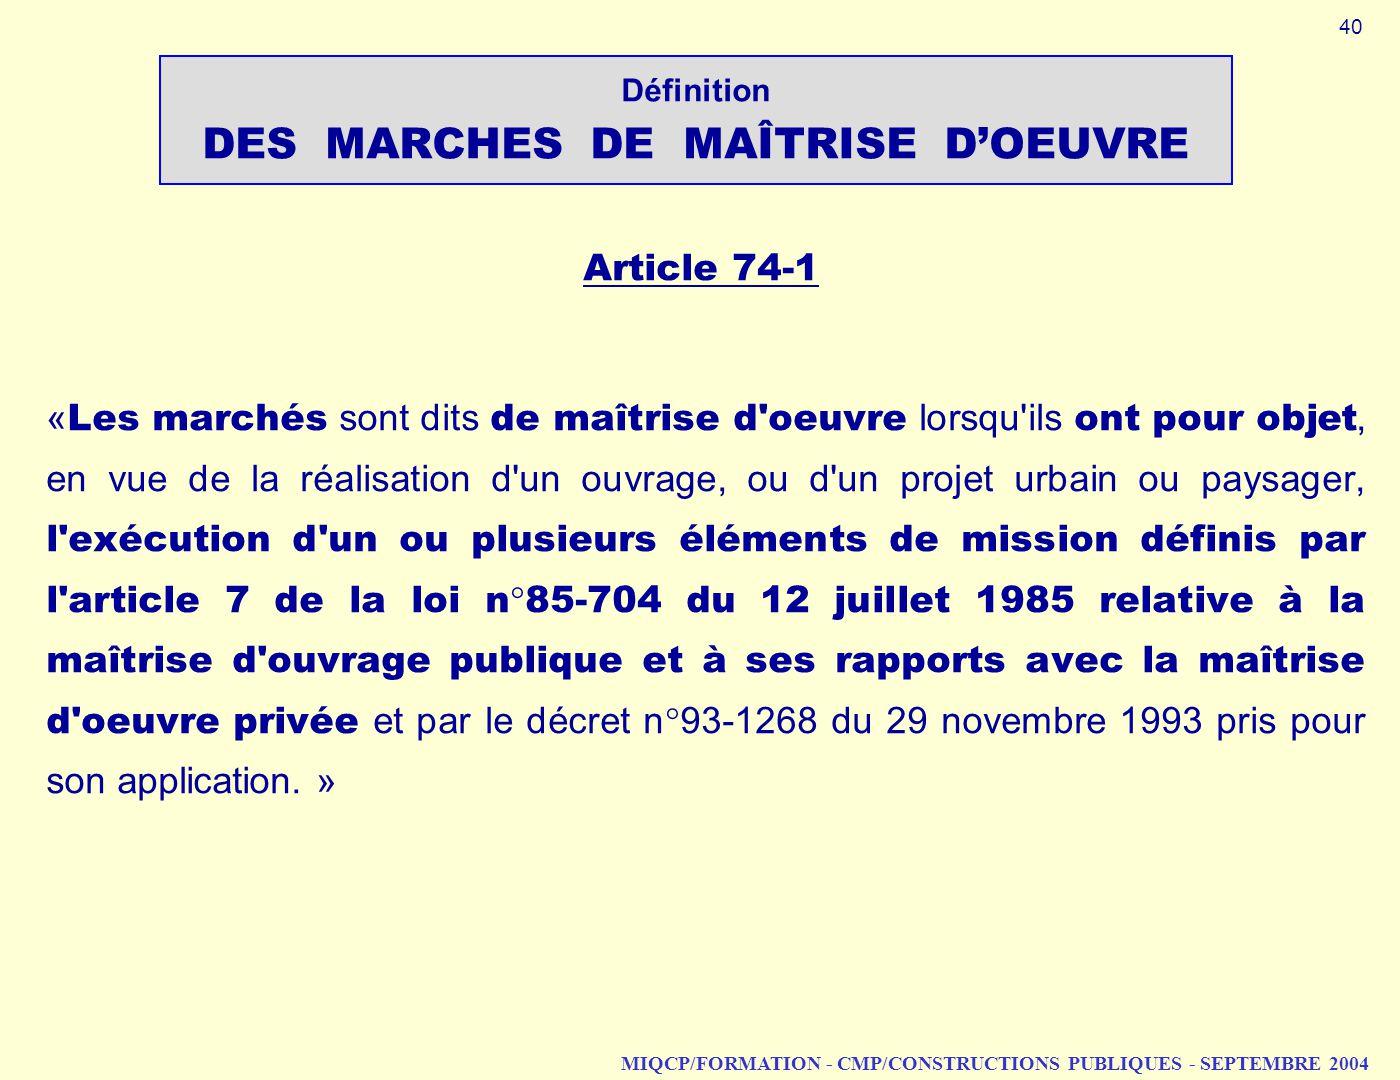 MIQCP/FORMATION - CMP/CONSTRUCTIONS PUBLIQUES - SEPTEMBRE 2004 Article 74 1 « Les marchés sont dits de maîtrise d'oeuvre lorsqu'ils ont pour objet, en